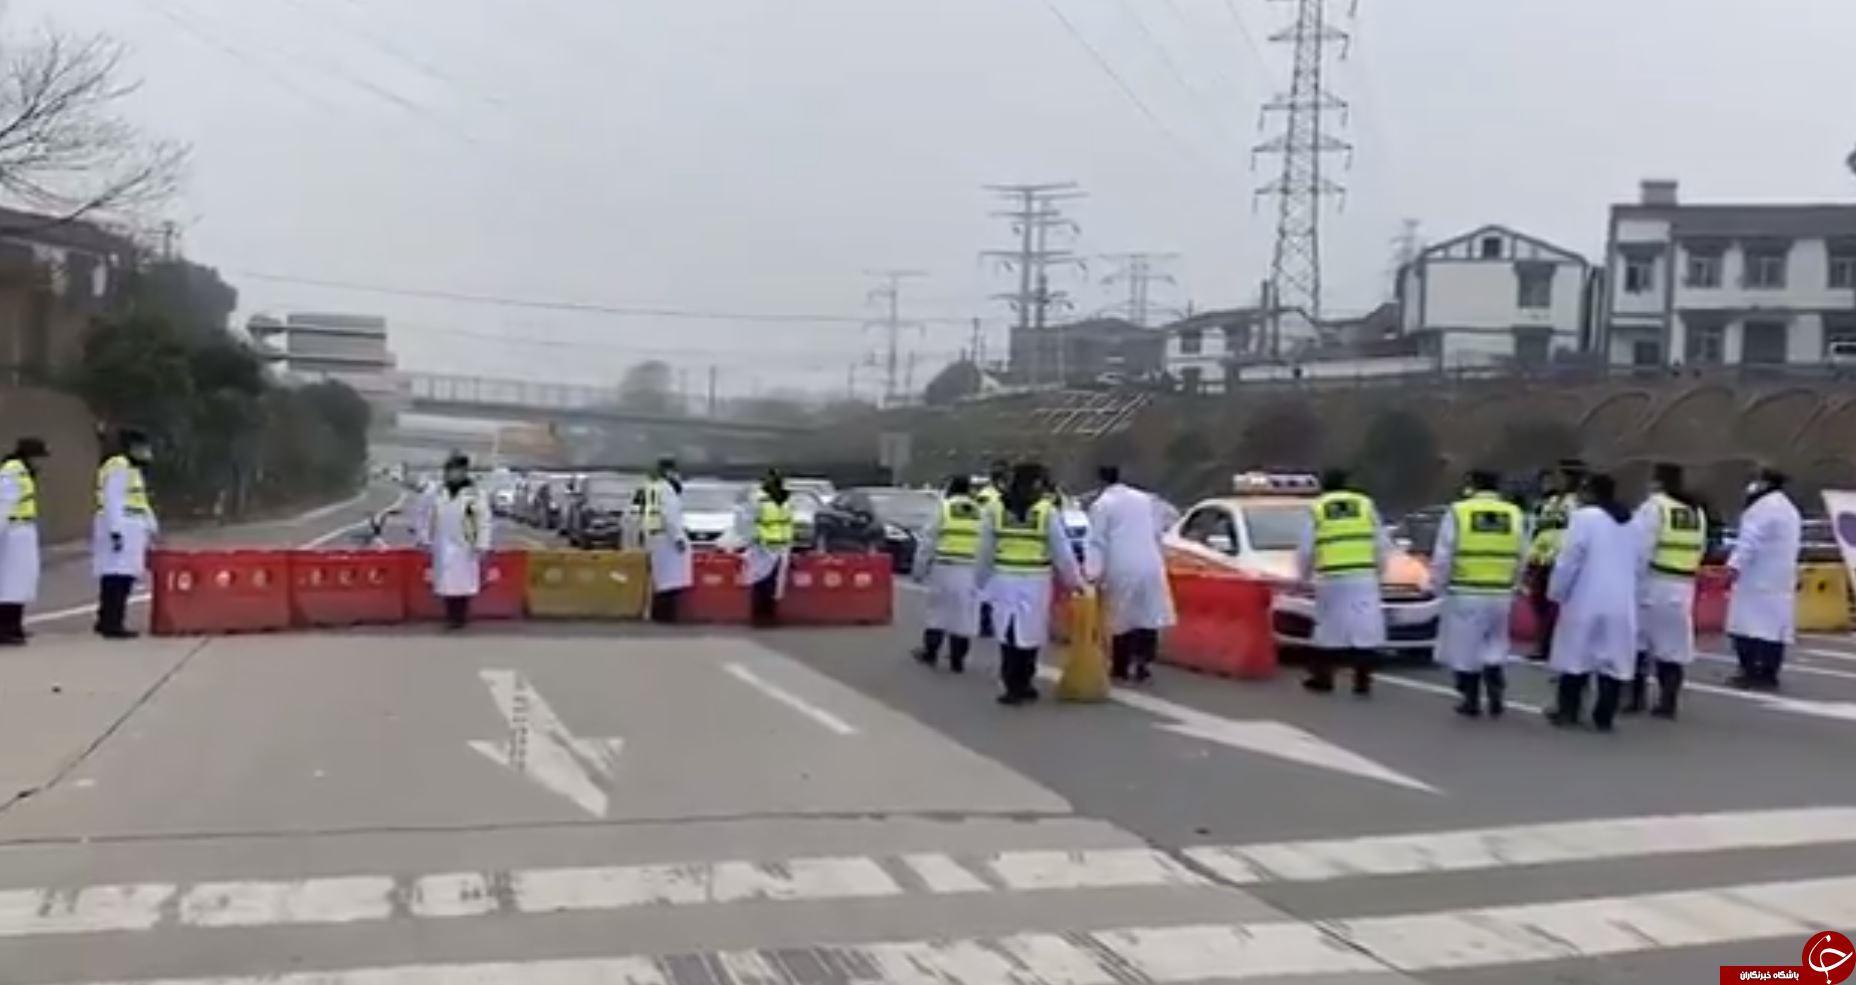 ویروس کرونا شهر ووهان چین را تبدیل به شهر زامبی ها کرده است